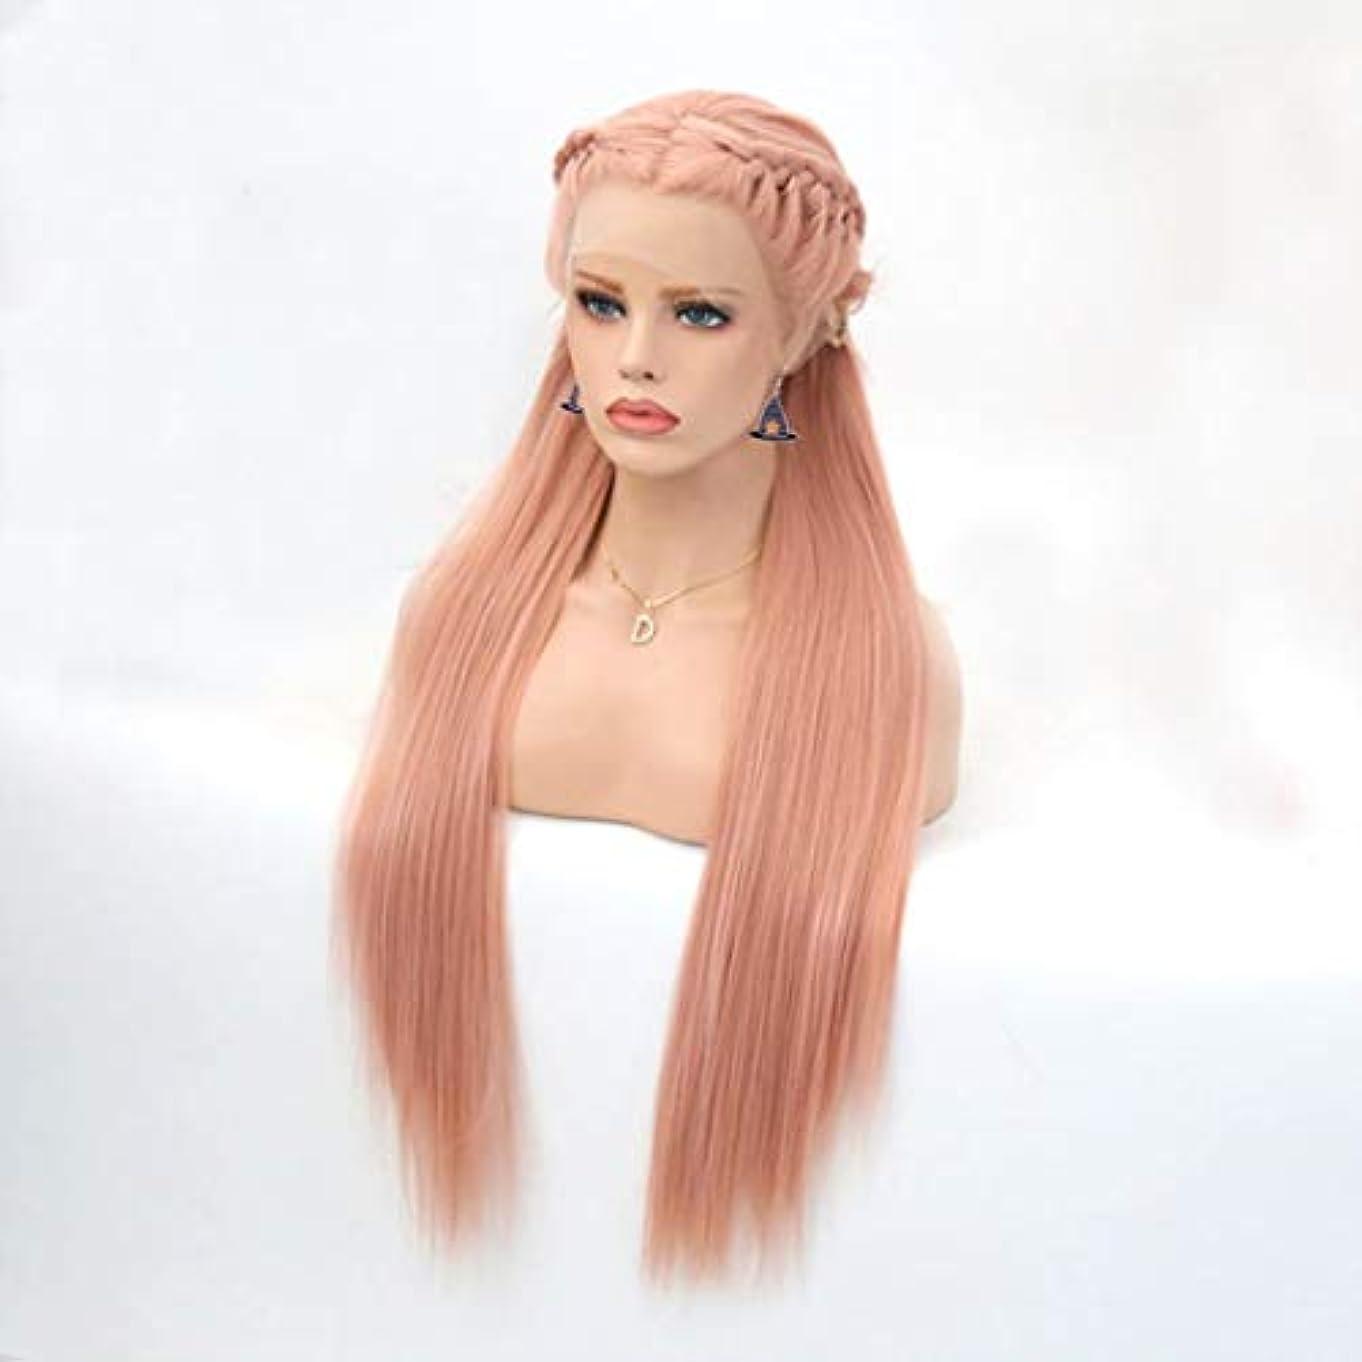 ホール爵副産物Summerys 組紐かつら耐熱性女性のための長くまっすぐで自然な合成レースフロントかつら